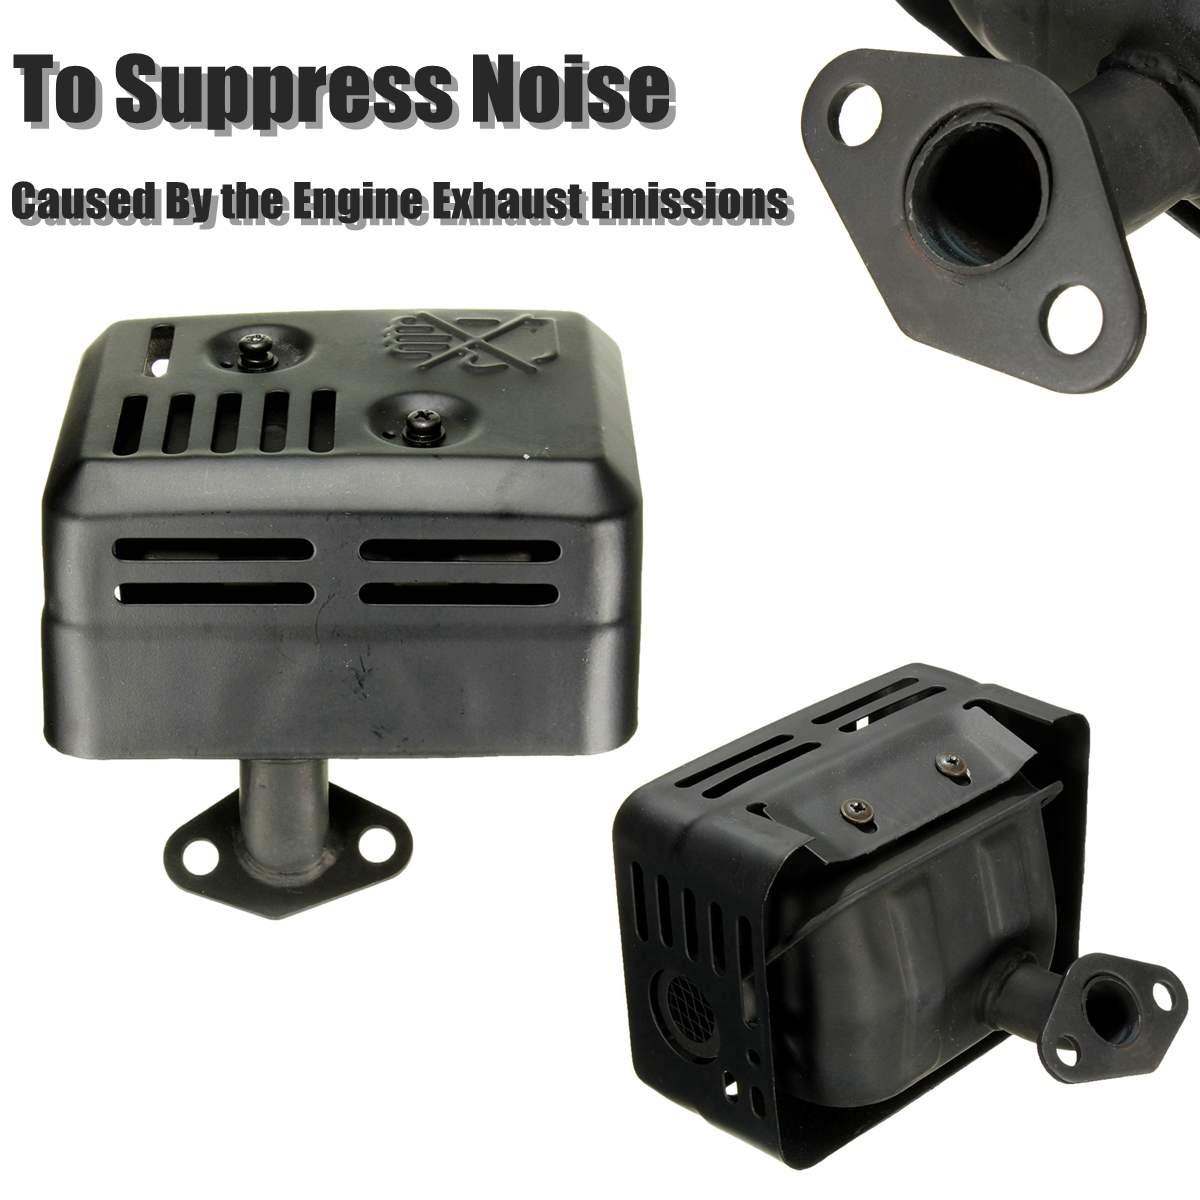 novo sistema de escape silenciador com escudo termico para honda gx120 gx160 gx200 5 5 para